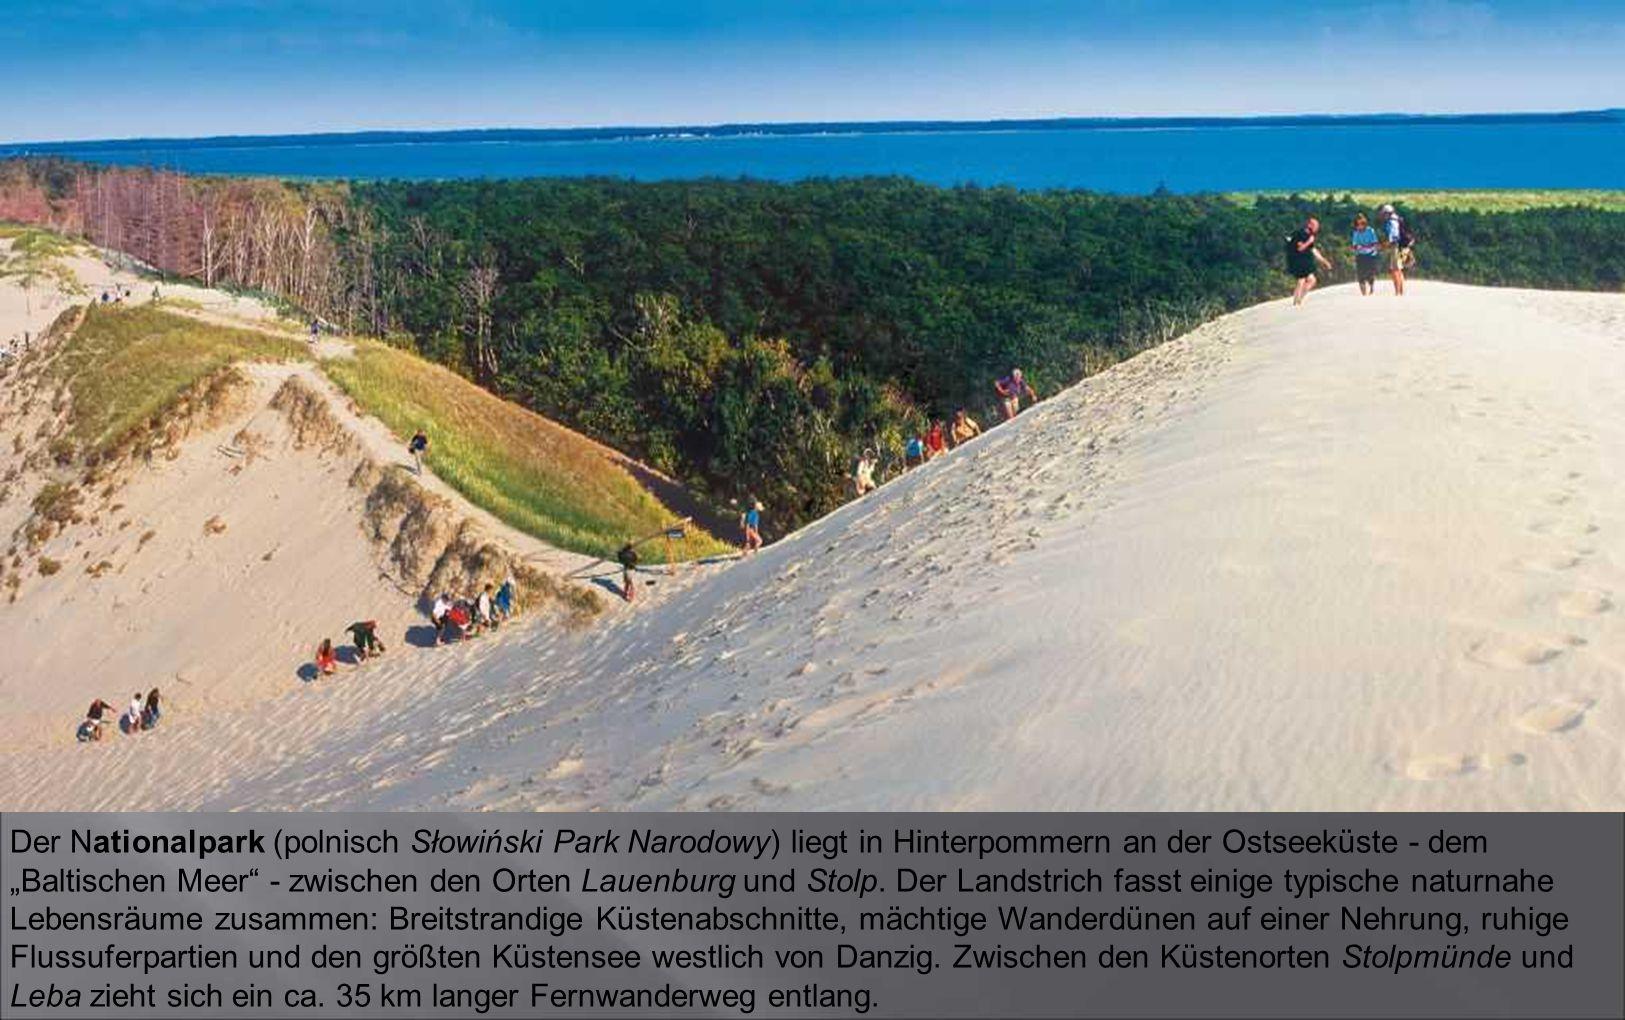 """Der Nationalpark (polnisch Słowiński Park Narodowy) liegt in Hinterpommern an der Ostseeküste - dem """"Baltischen Meer - zwischen den Orten Lauenburg und Stolp."""